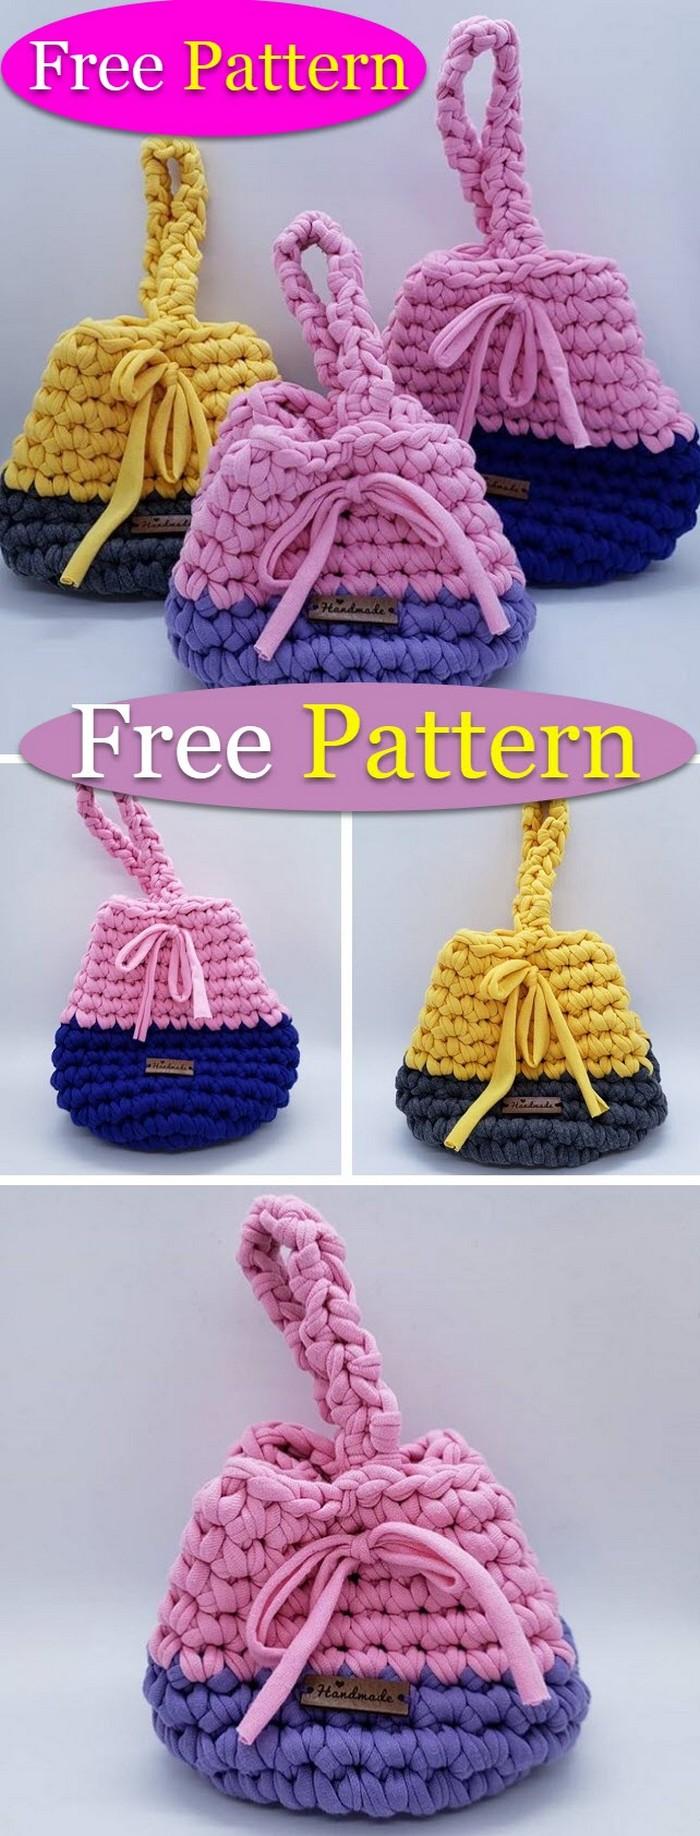 Crochet Easy Bags pattern